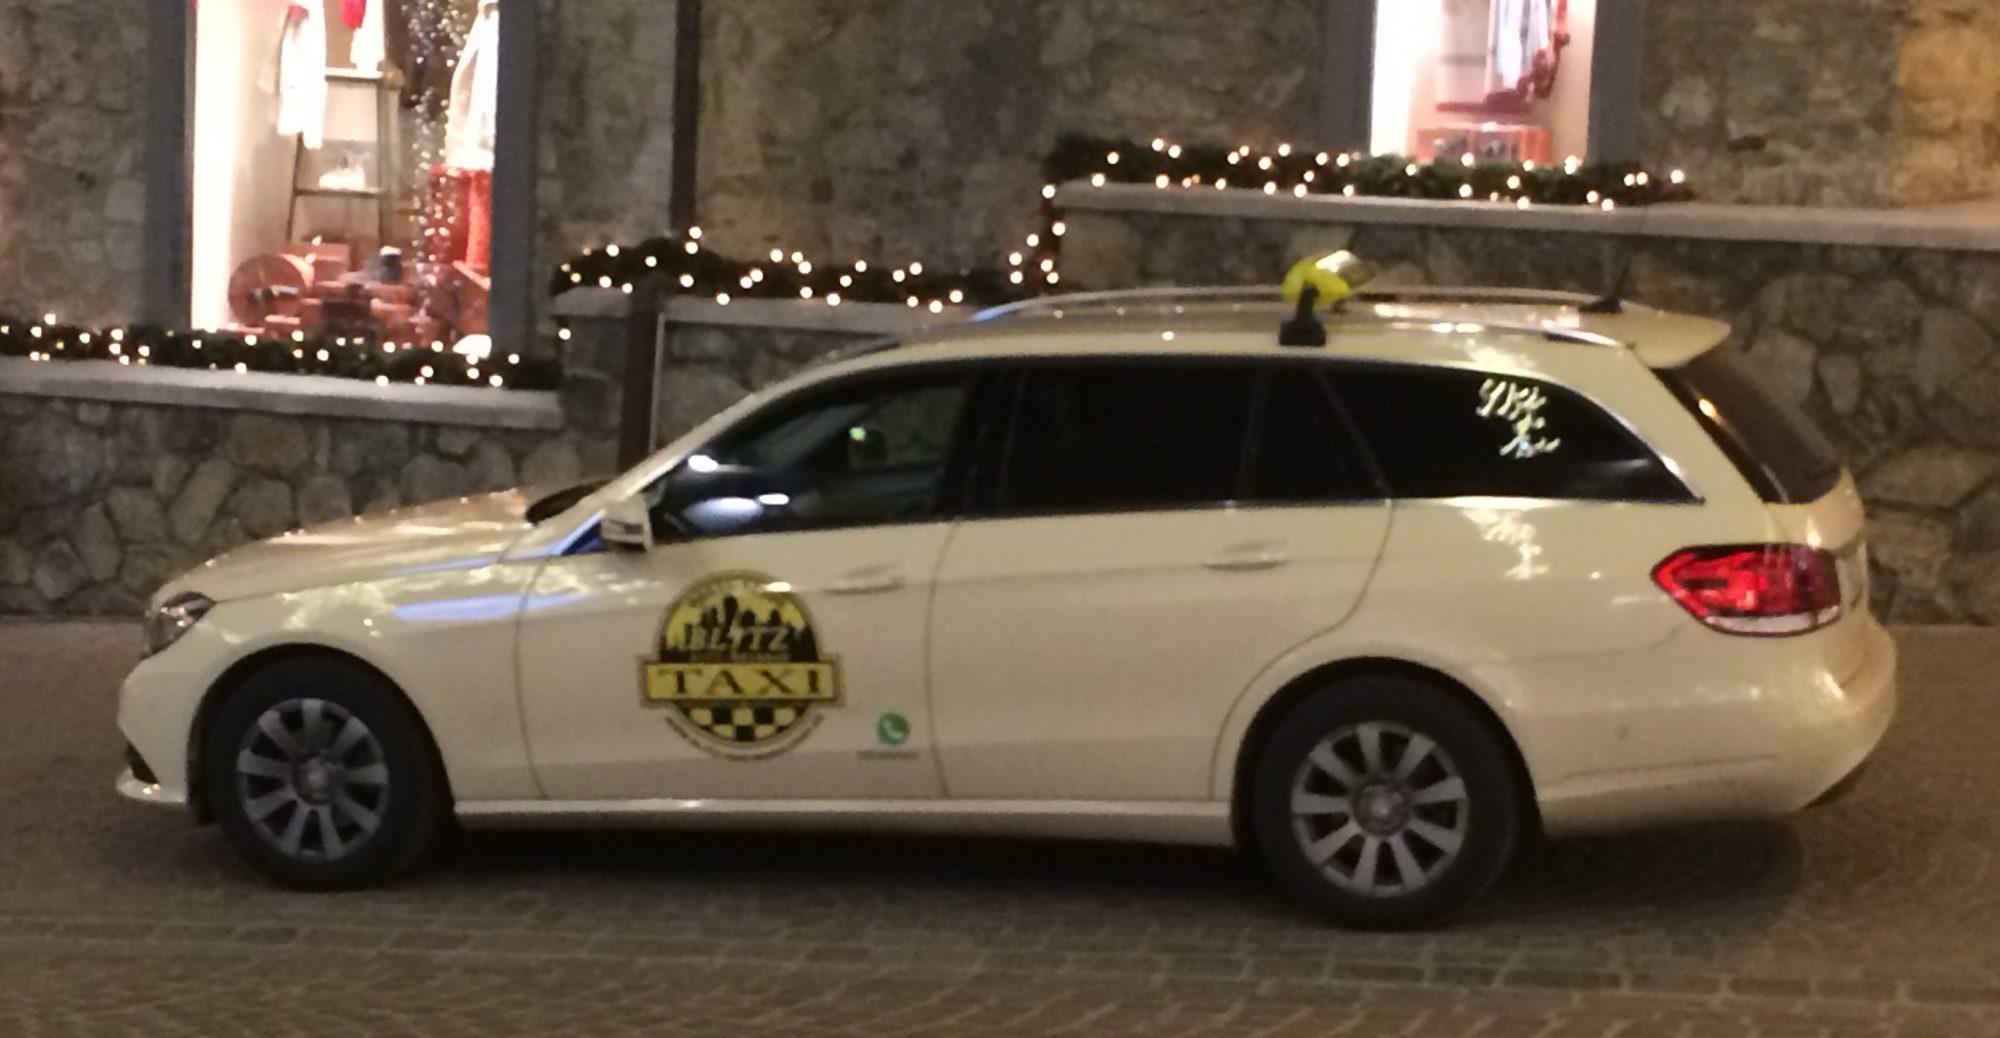 Blitz Taxi